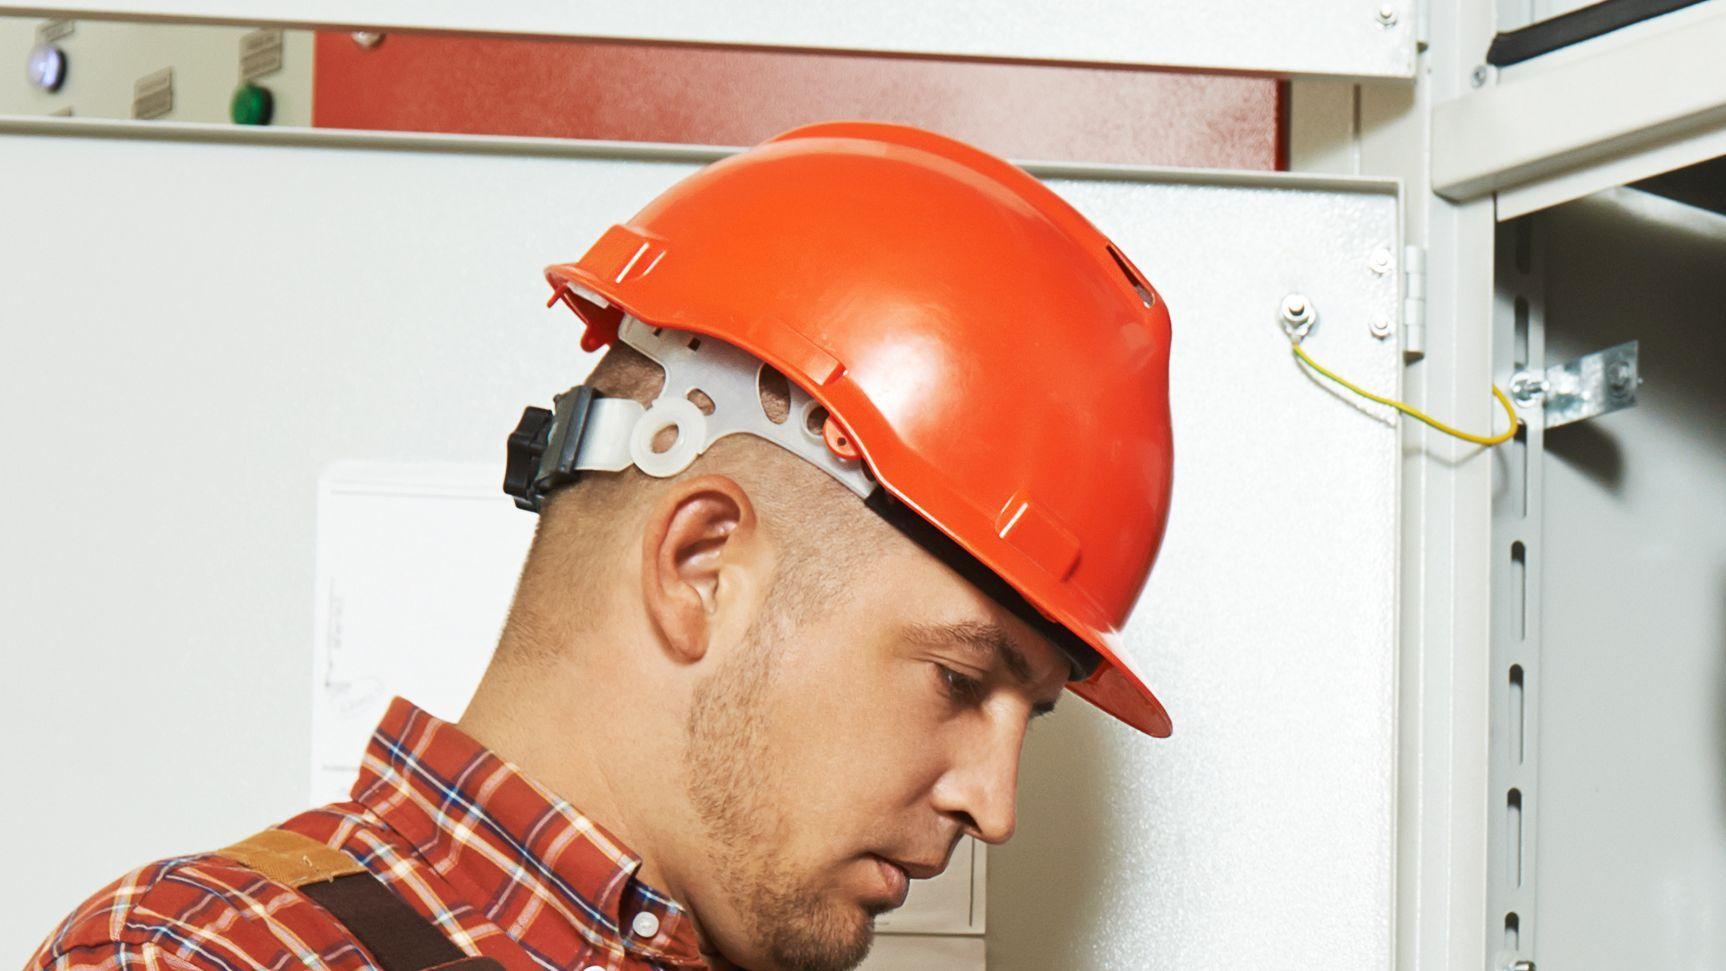 Come scegliere un casco di protezione